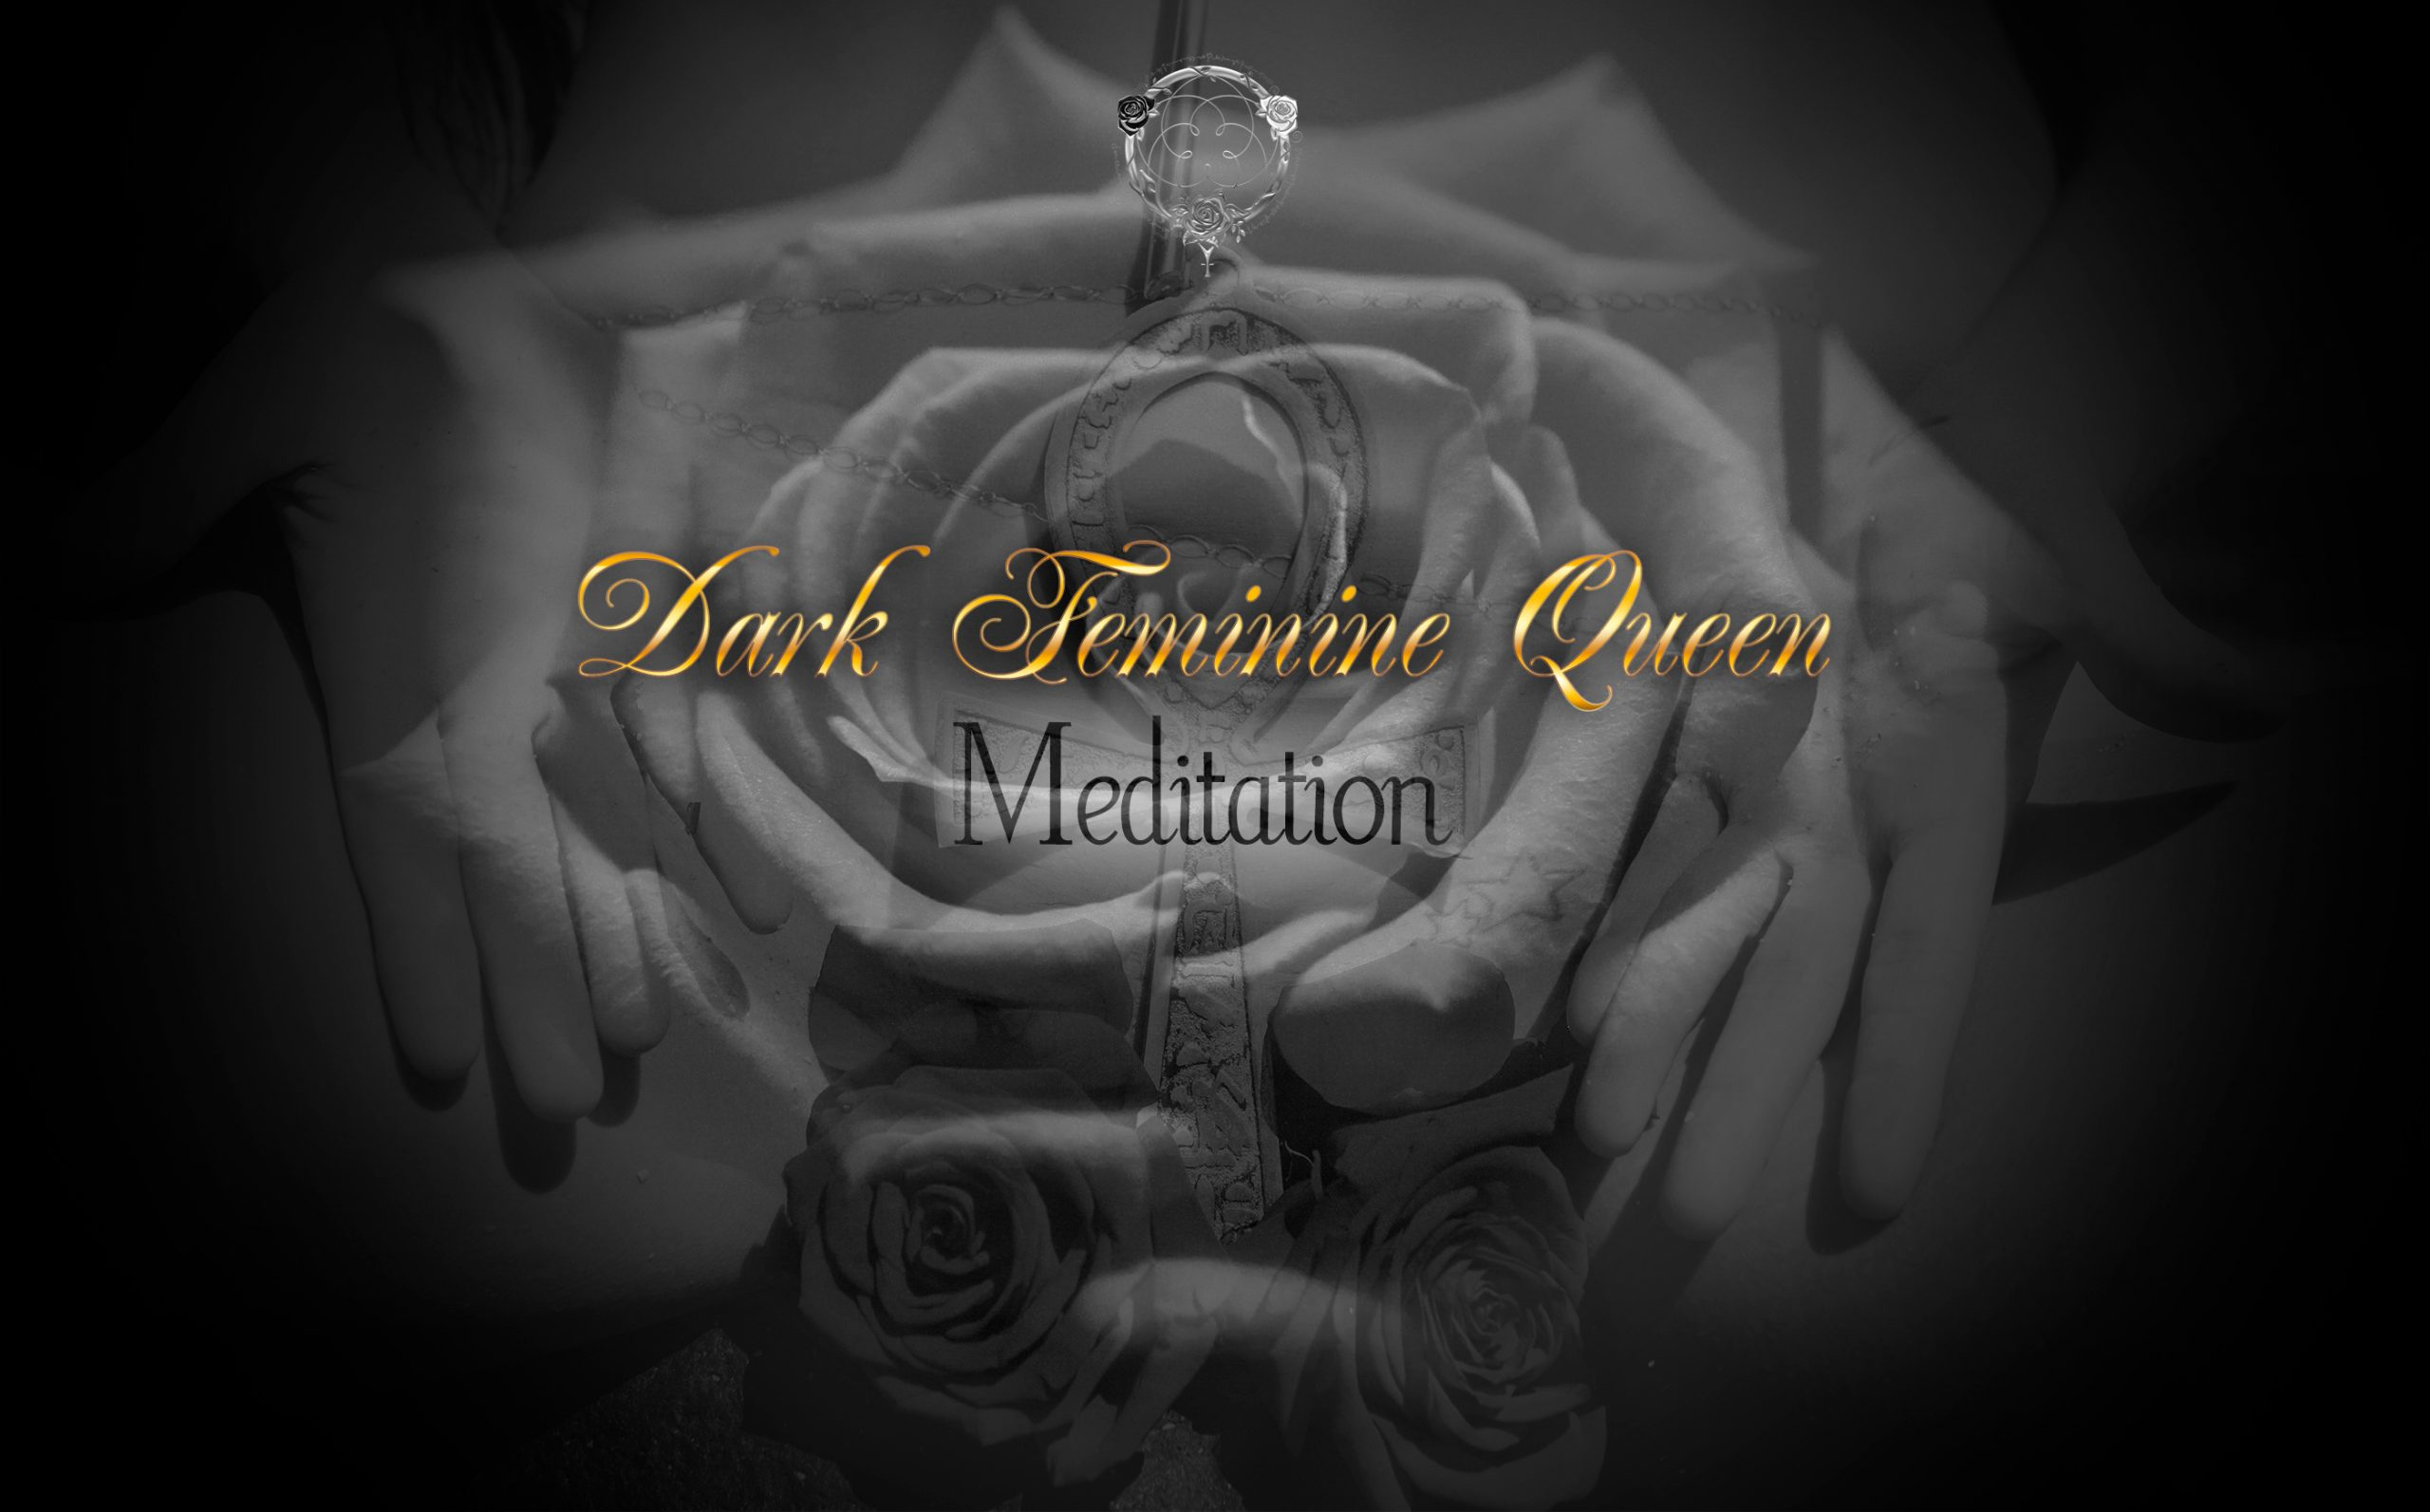 Dark Feminine Queen Meditation